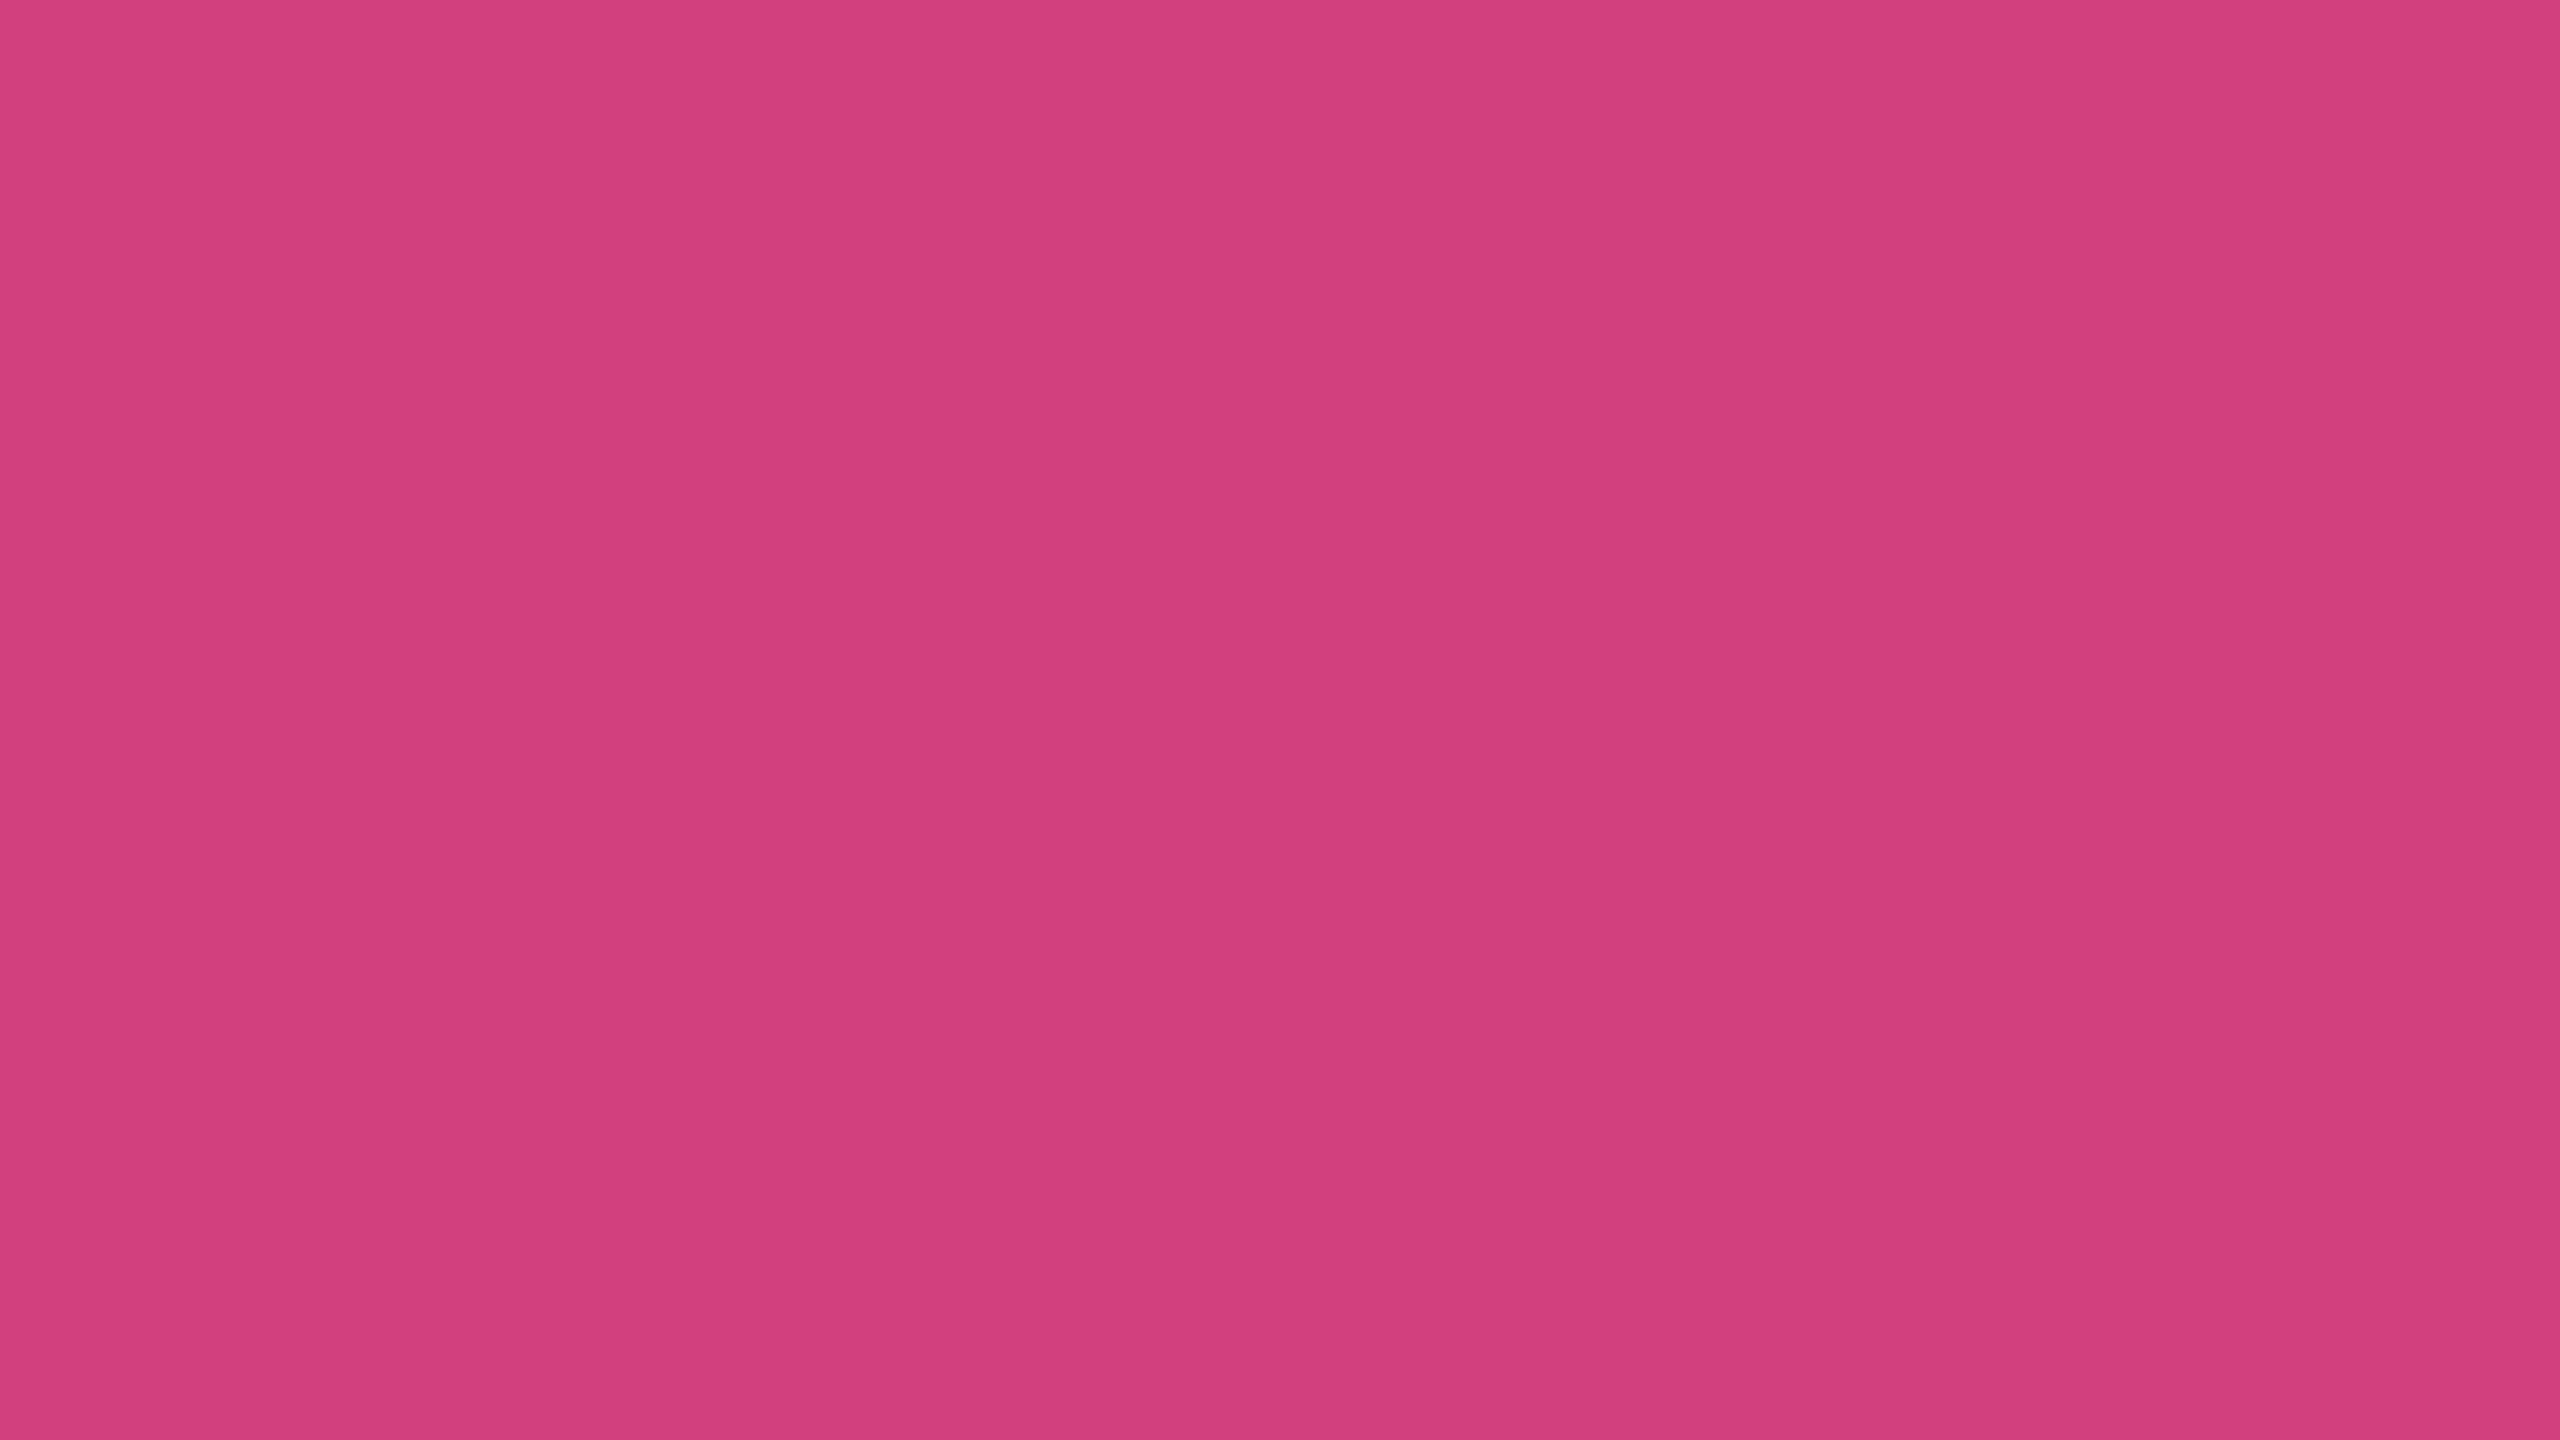 2560x1440 Magenta Pantone Solid Color Background